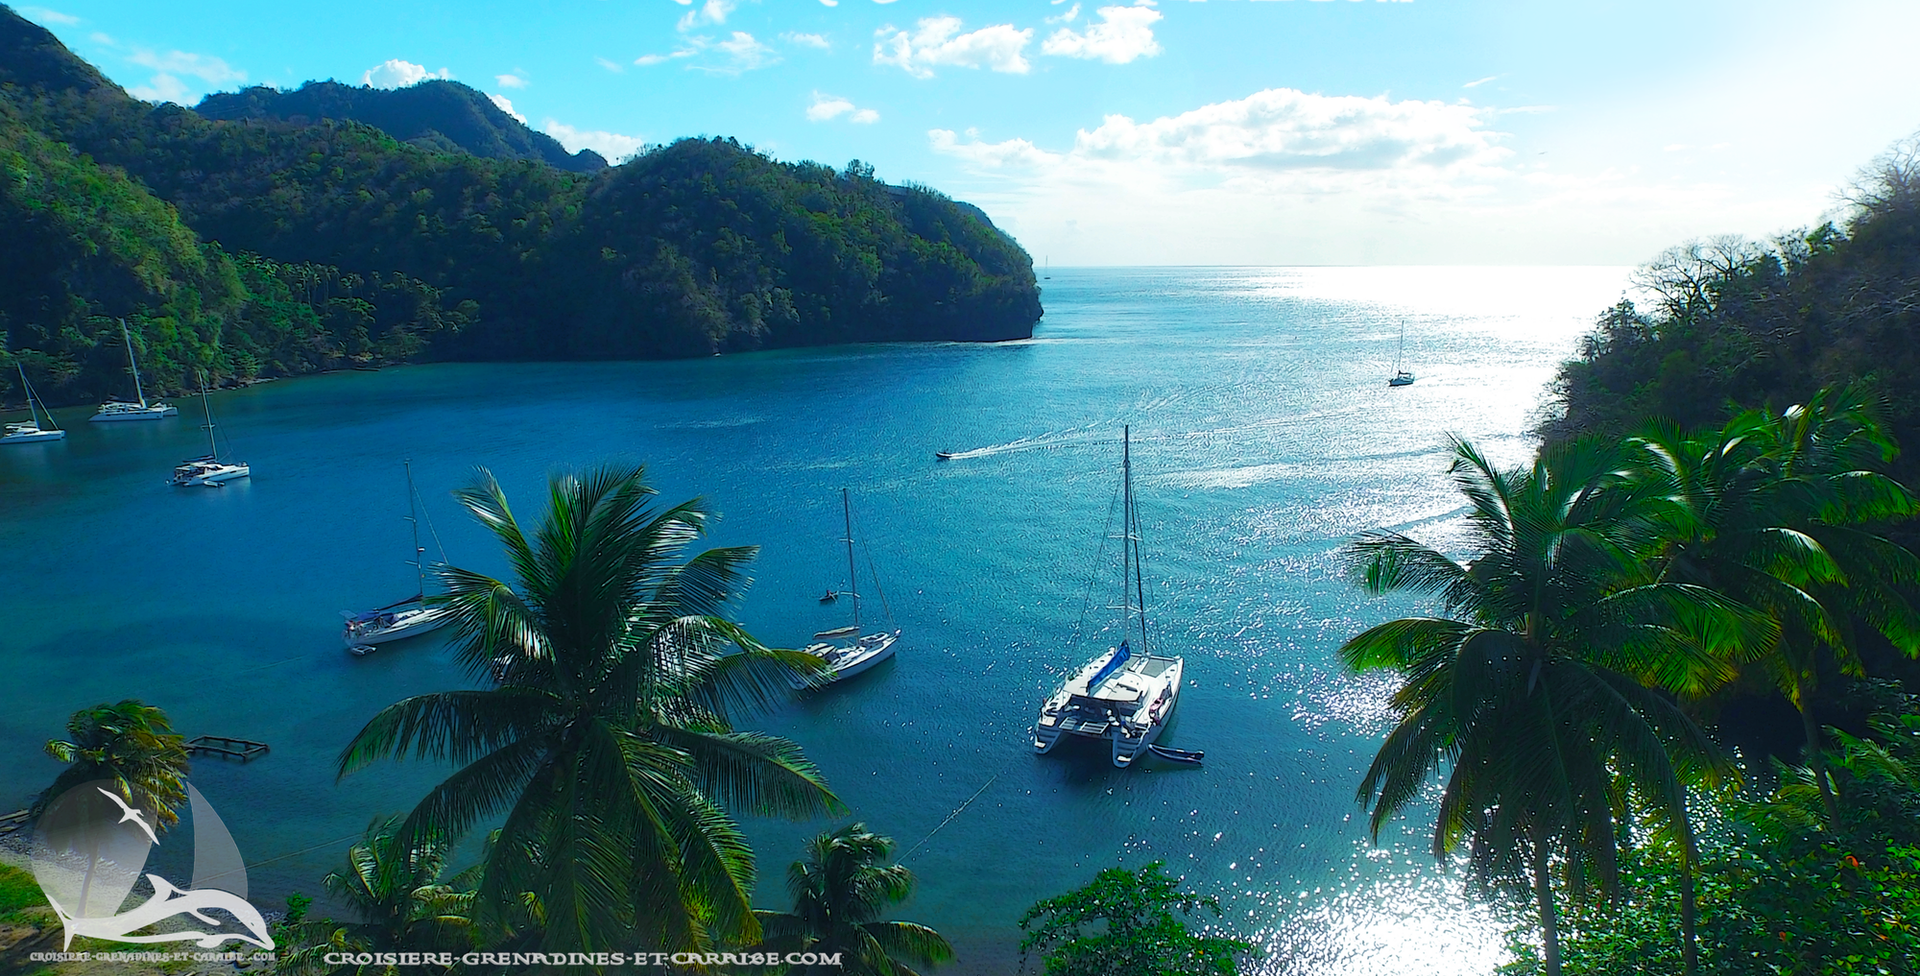 Cumberland, Saint vincent, Saint Vincent et les Grenadines , croisiere Grenadines